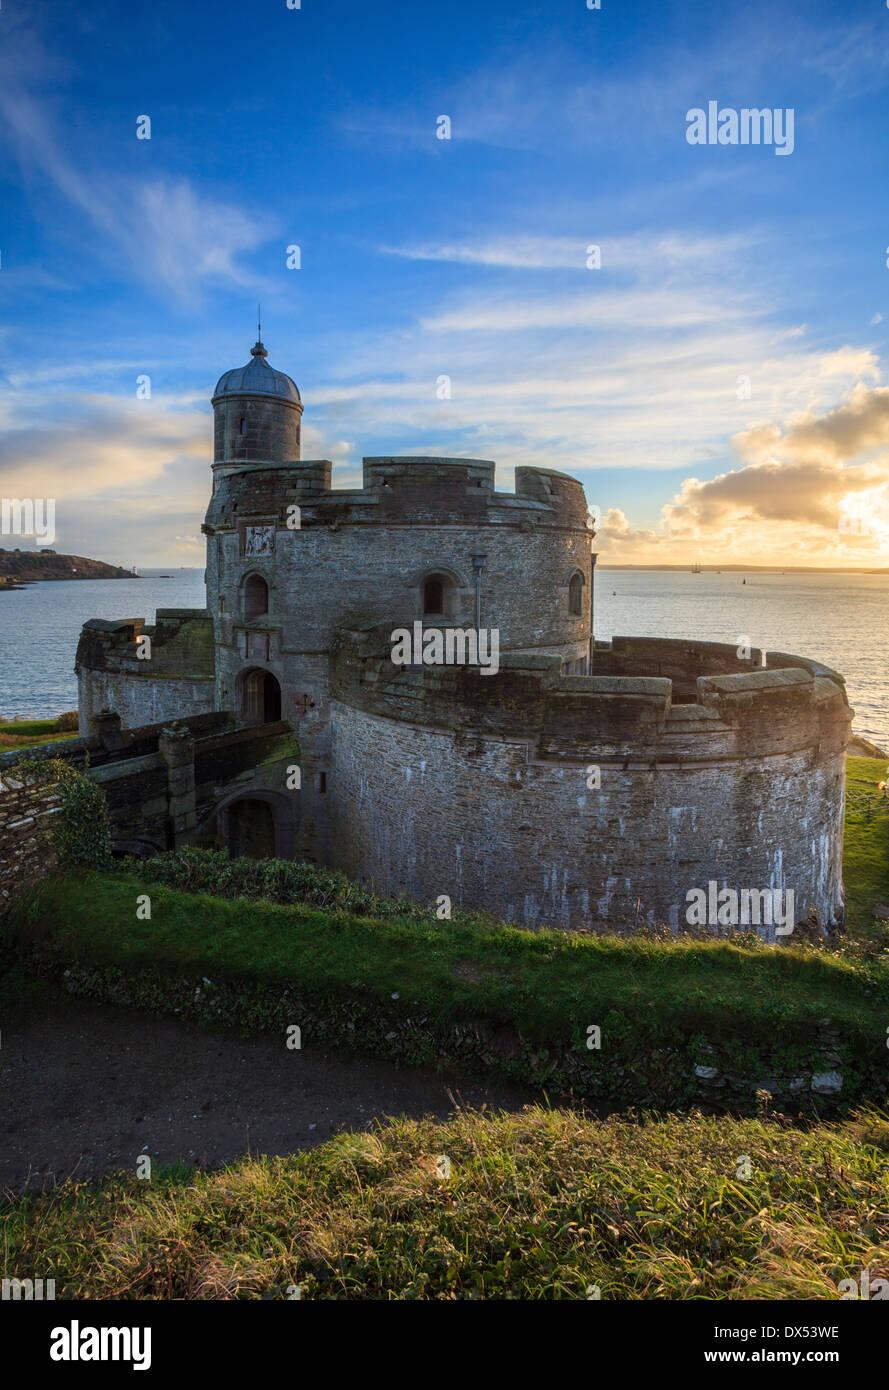 St Mawes Castello catturati al tramonto Immagini Stock